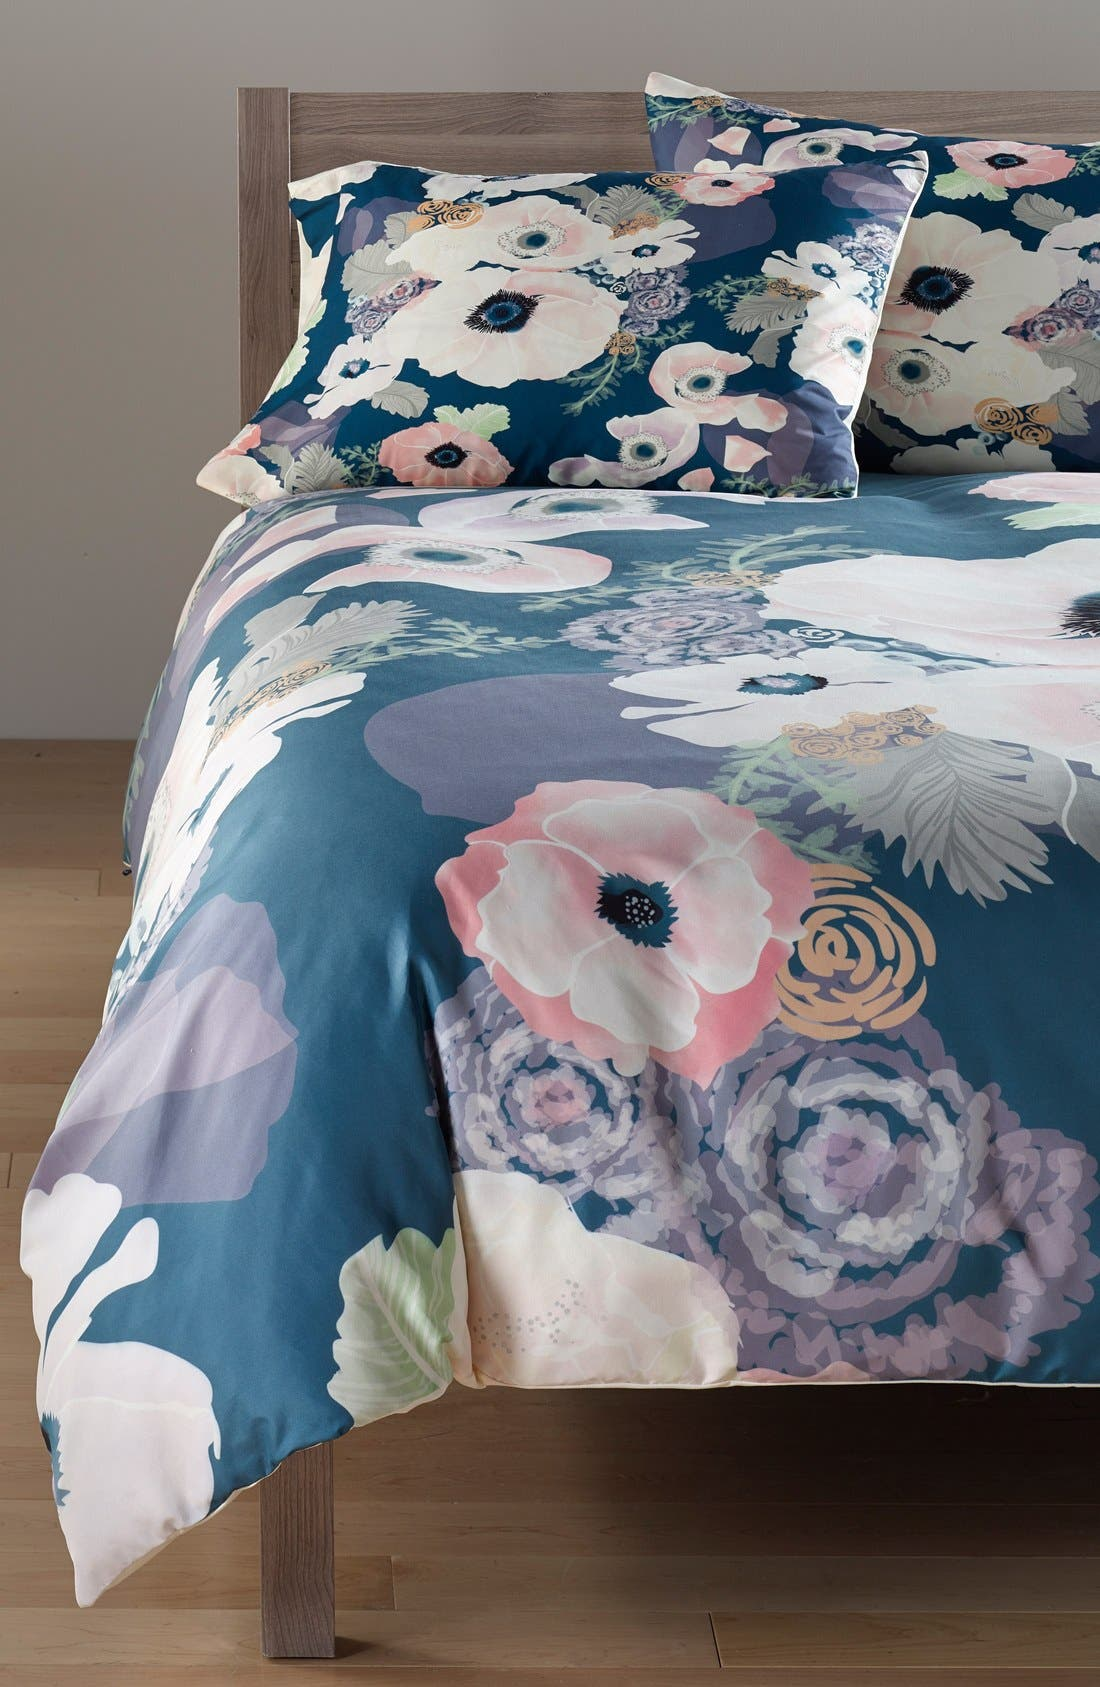 Alternate Image 1 Selected - Deny Designs Khristian Howell Duvet Cover & Sham Set